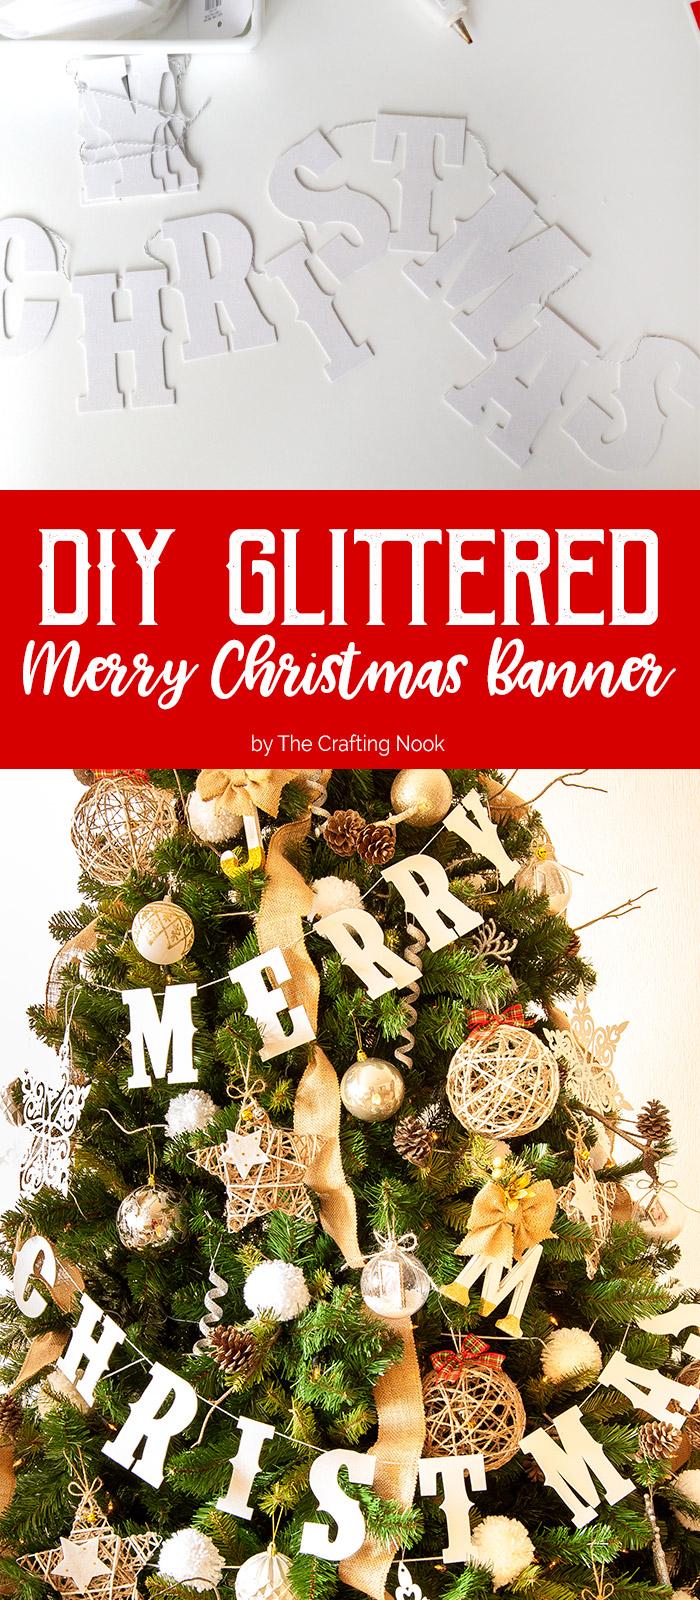 DIY Glittered Merry Christmas Banner